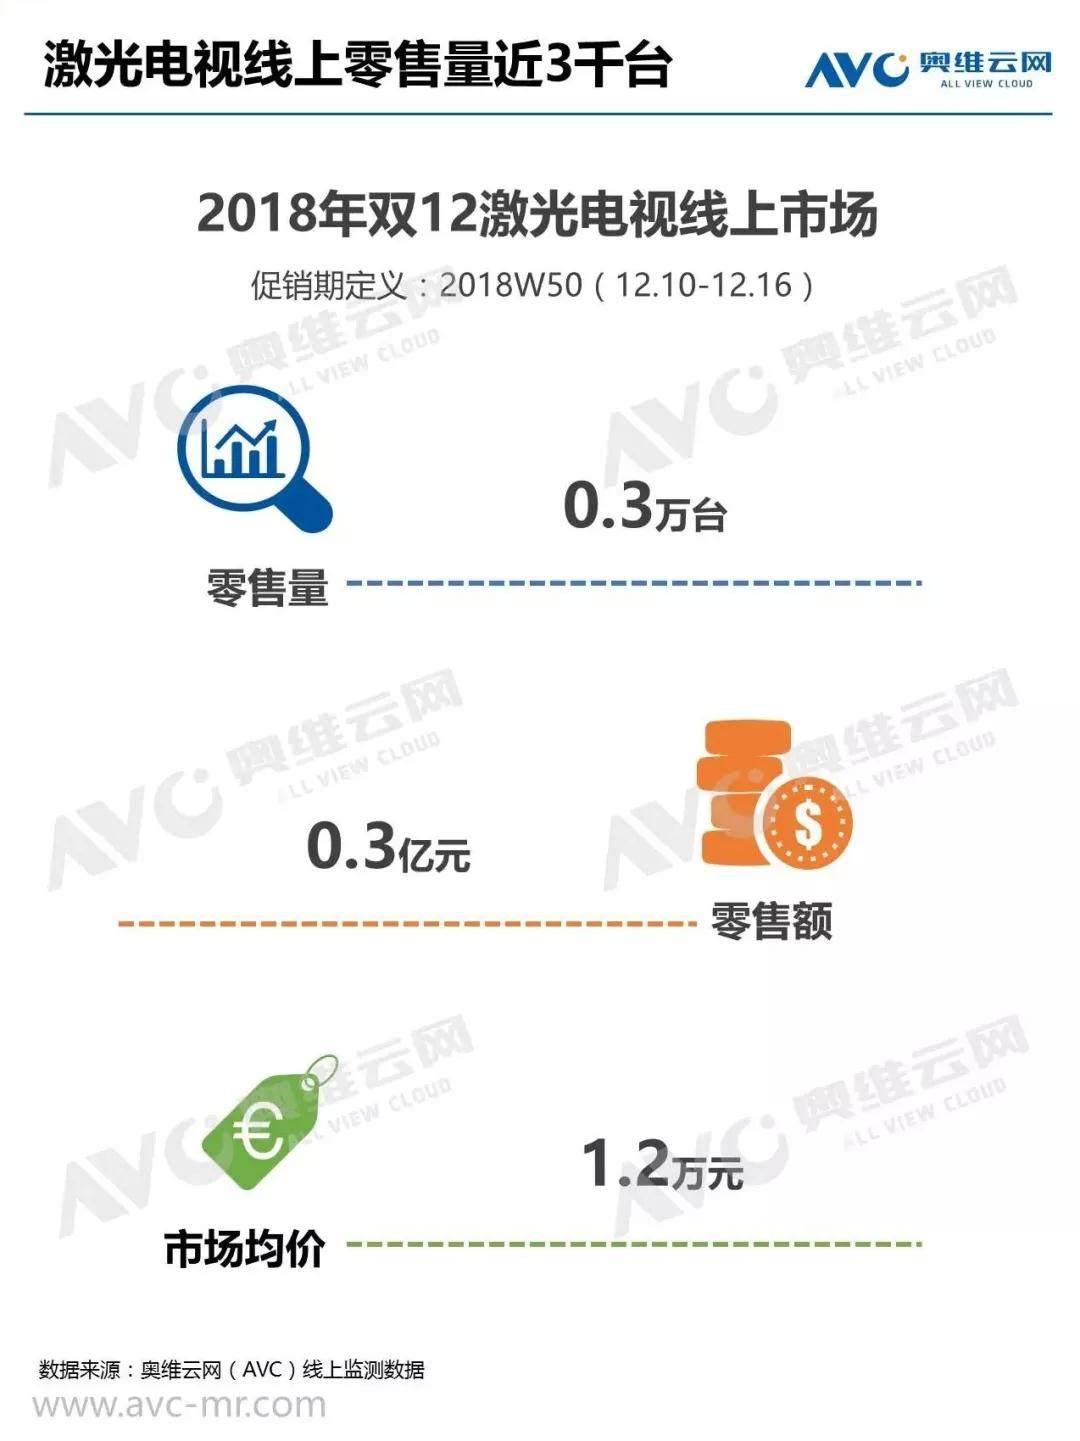 2018年中国智能投影线上市场简报:自动对焦成亮点